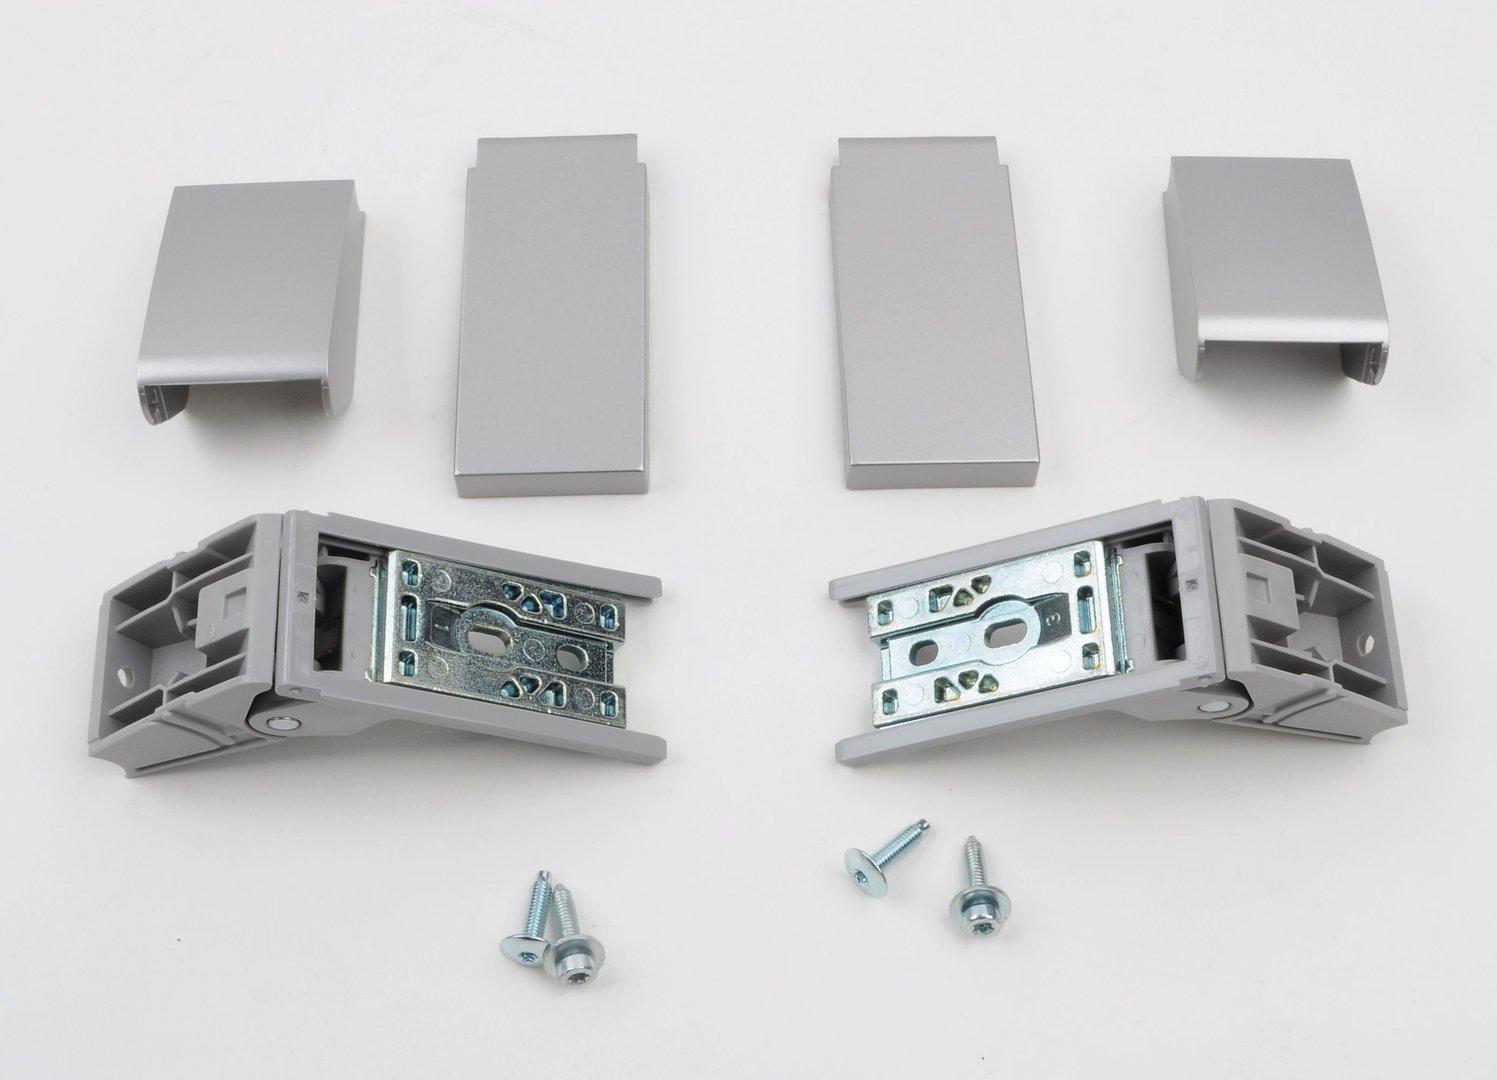 Kühlschrank Scharniere : Liebherr rep set türgriff gelenke scharniere kühlschrank